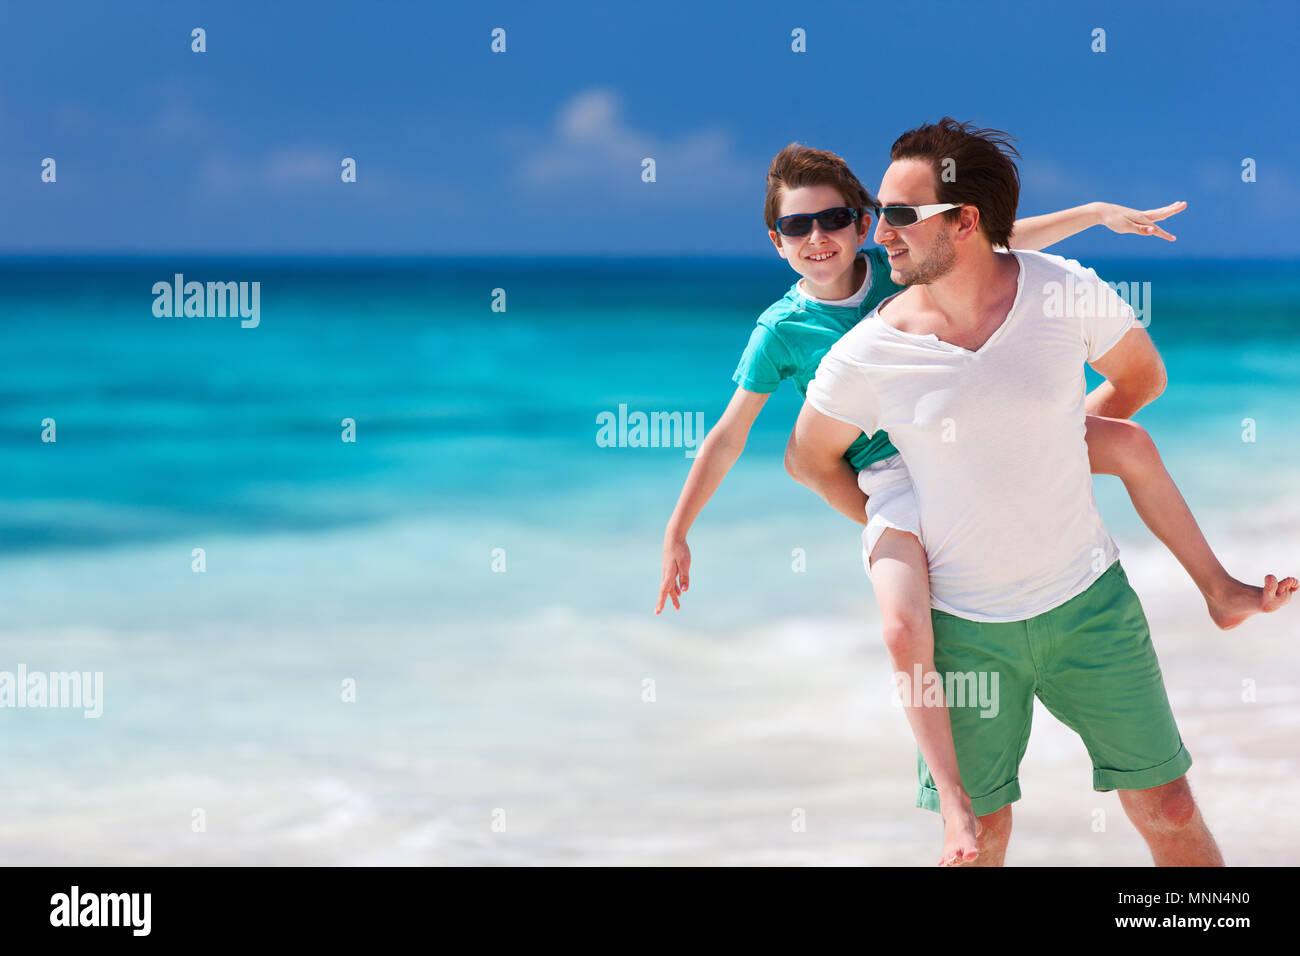 Felice padre e figlio godendo di tempo in spiaggia durante la vacanza in famiglia Immagini Stock